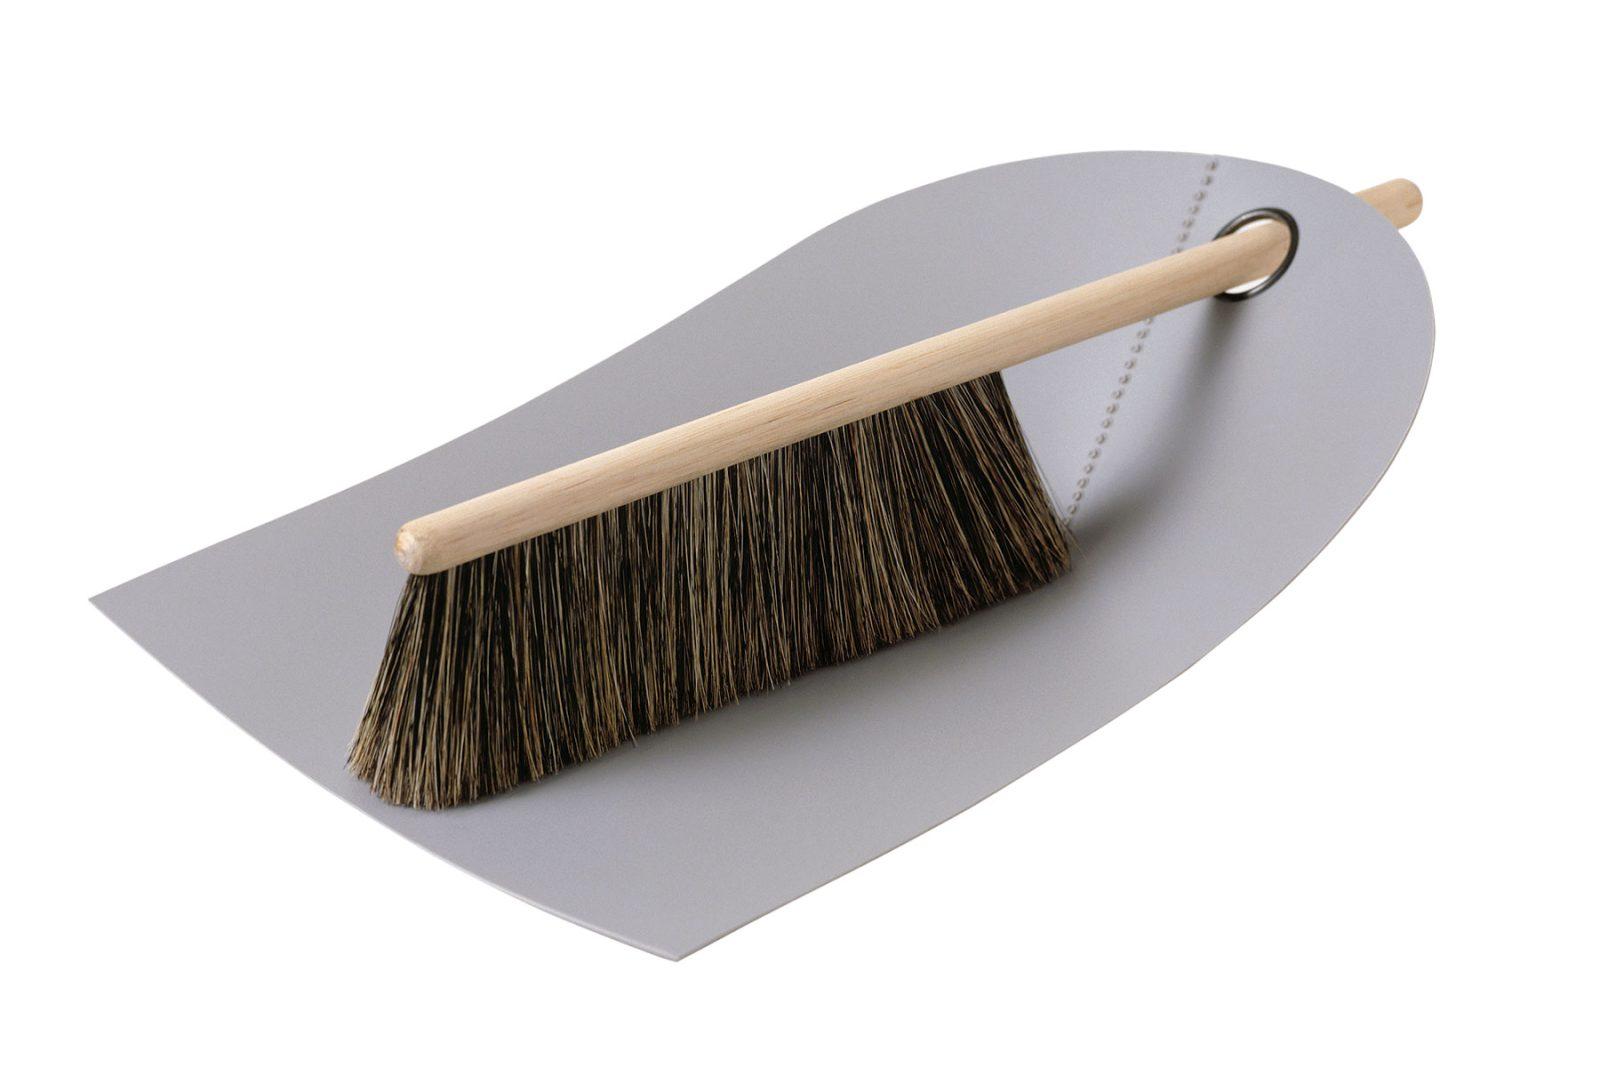 Dustpan & Broom, Light Grey-34031